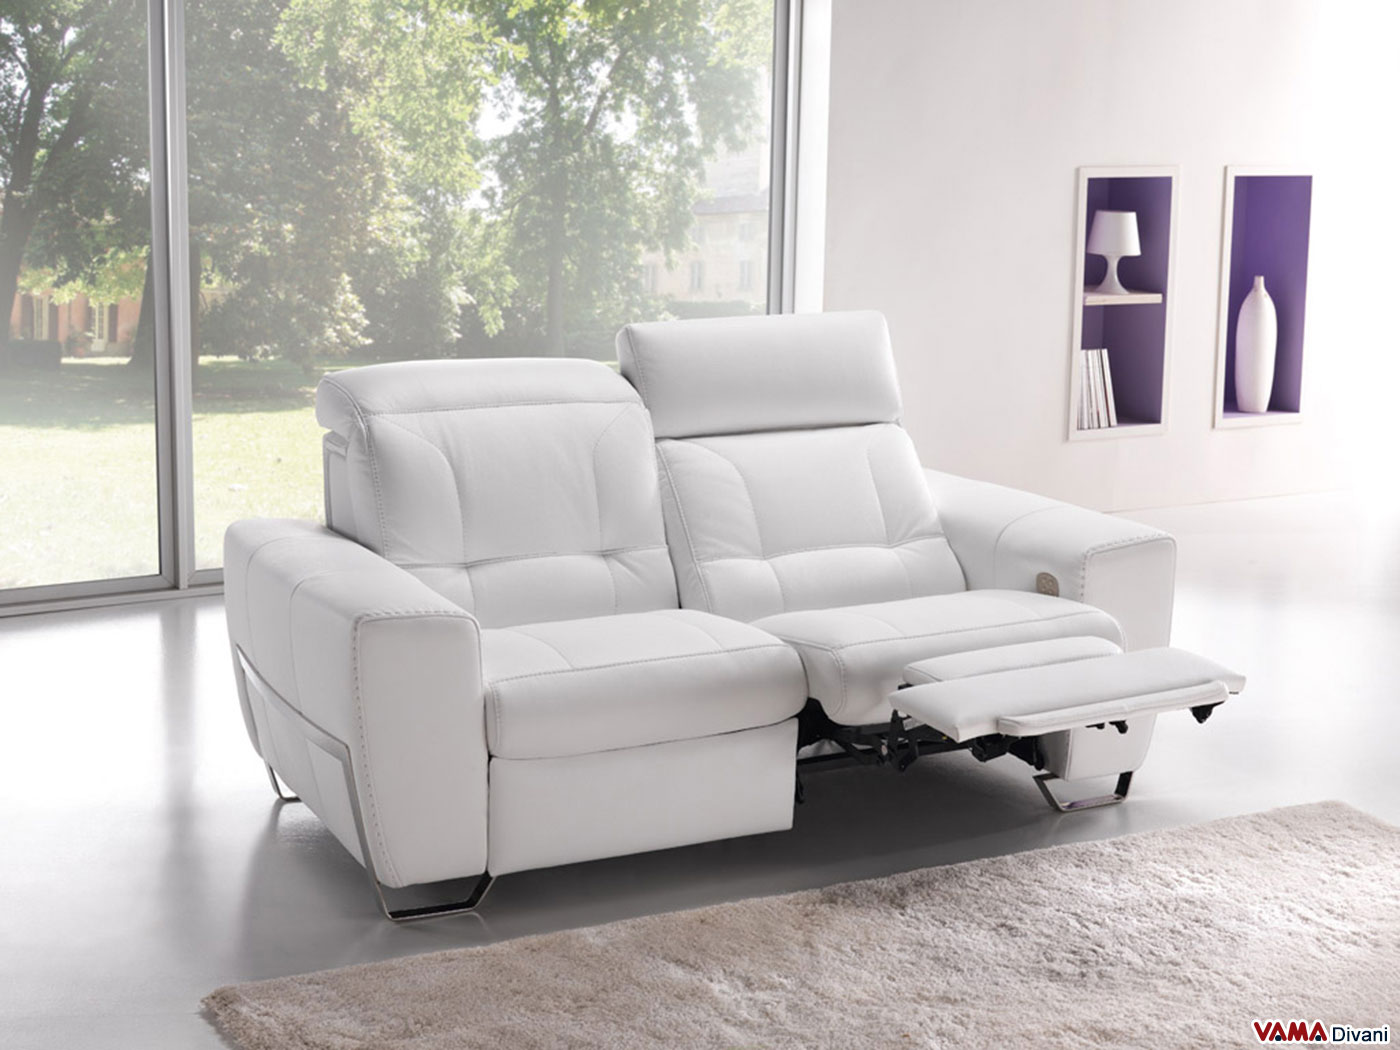 Vama divani blog divano relax l 39 accattivante stile for Divano elettrico